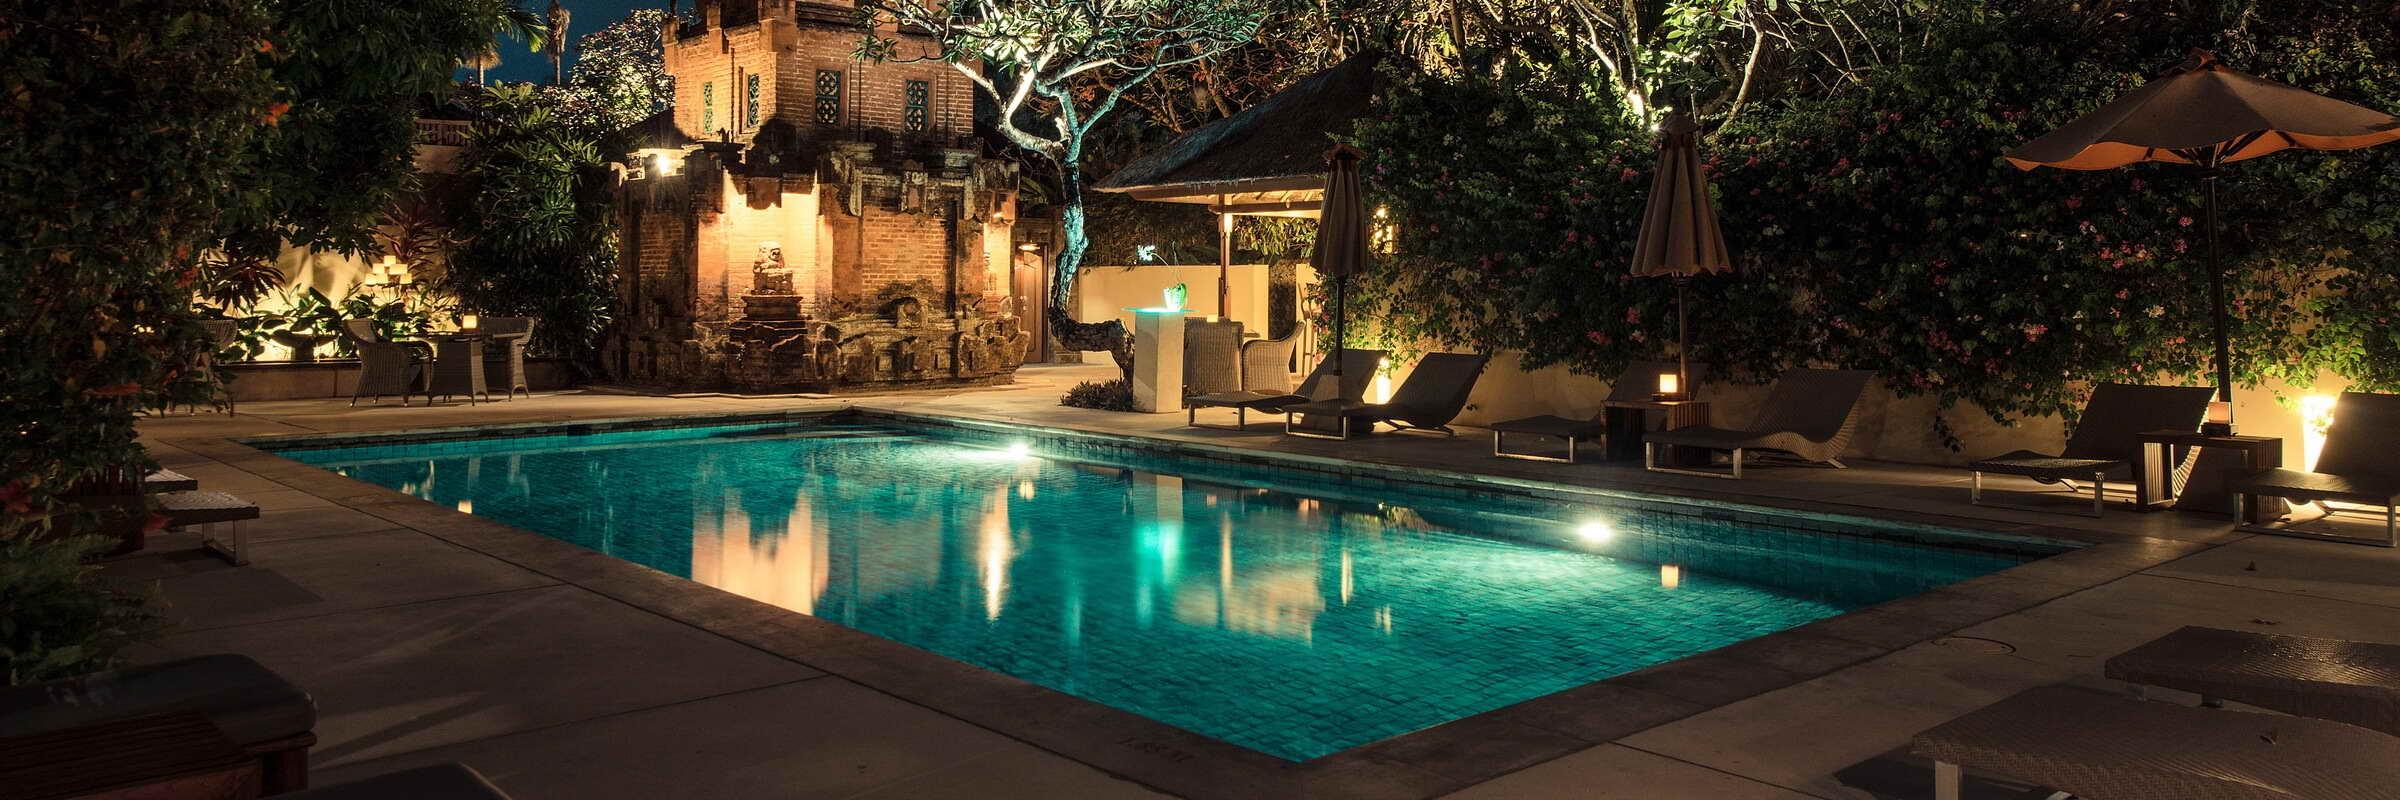 Ein Swimmingpool mit angrenzender Poolbar sorgt für Abkühlung im The Pavilions Bali.